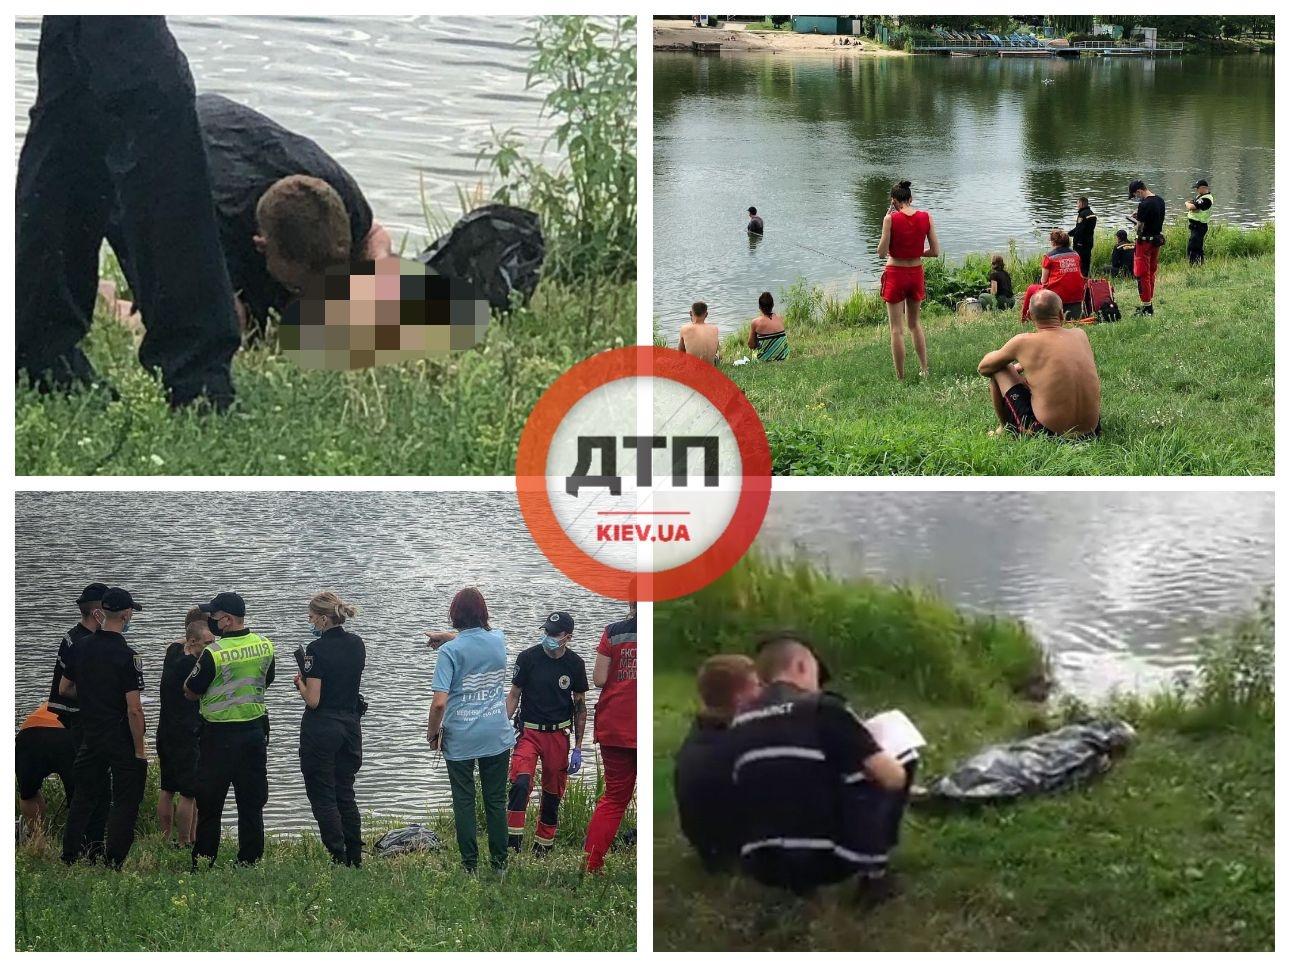 У Києві в озері потонула вагітна дівчина під носом у п'яного хлопця (відео)